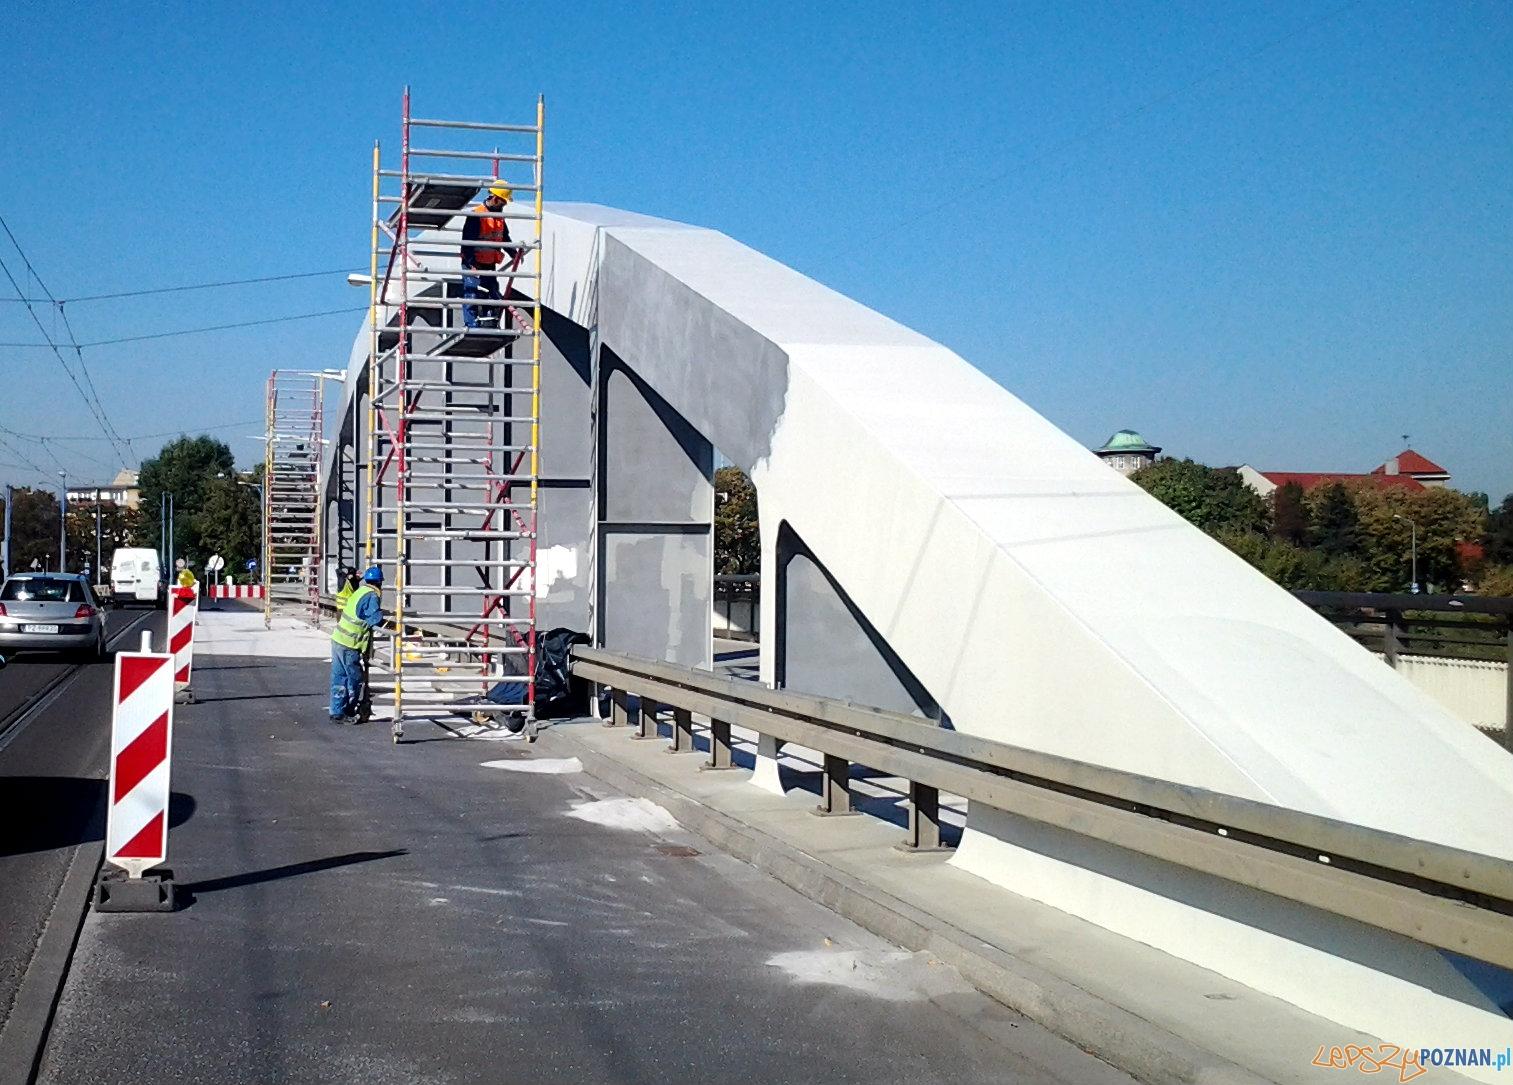 Remont mostu św. Rocha  Foto: lepszyPOZNAN.pl / tab 10.1